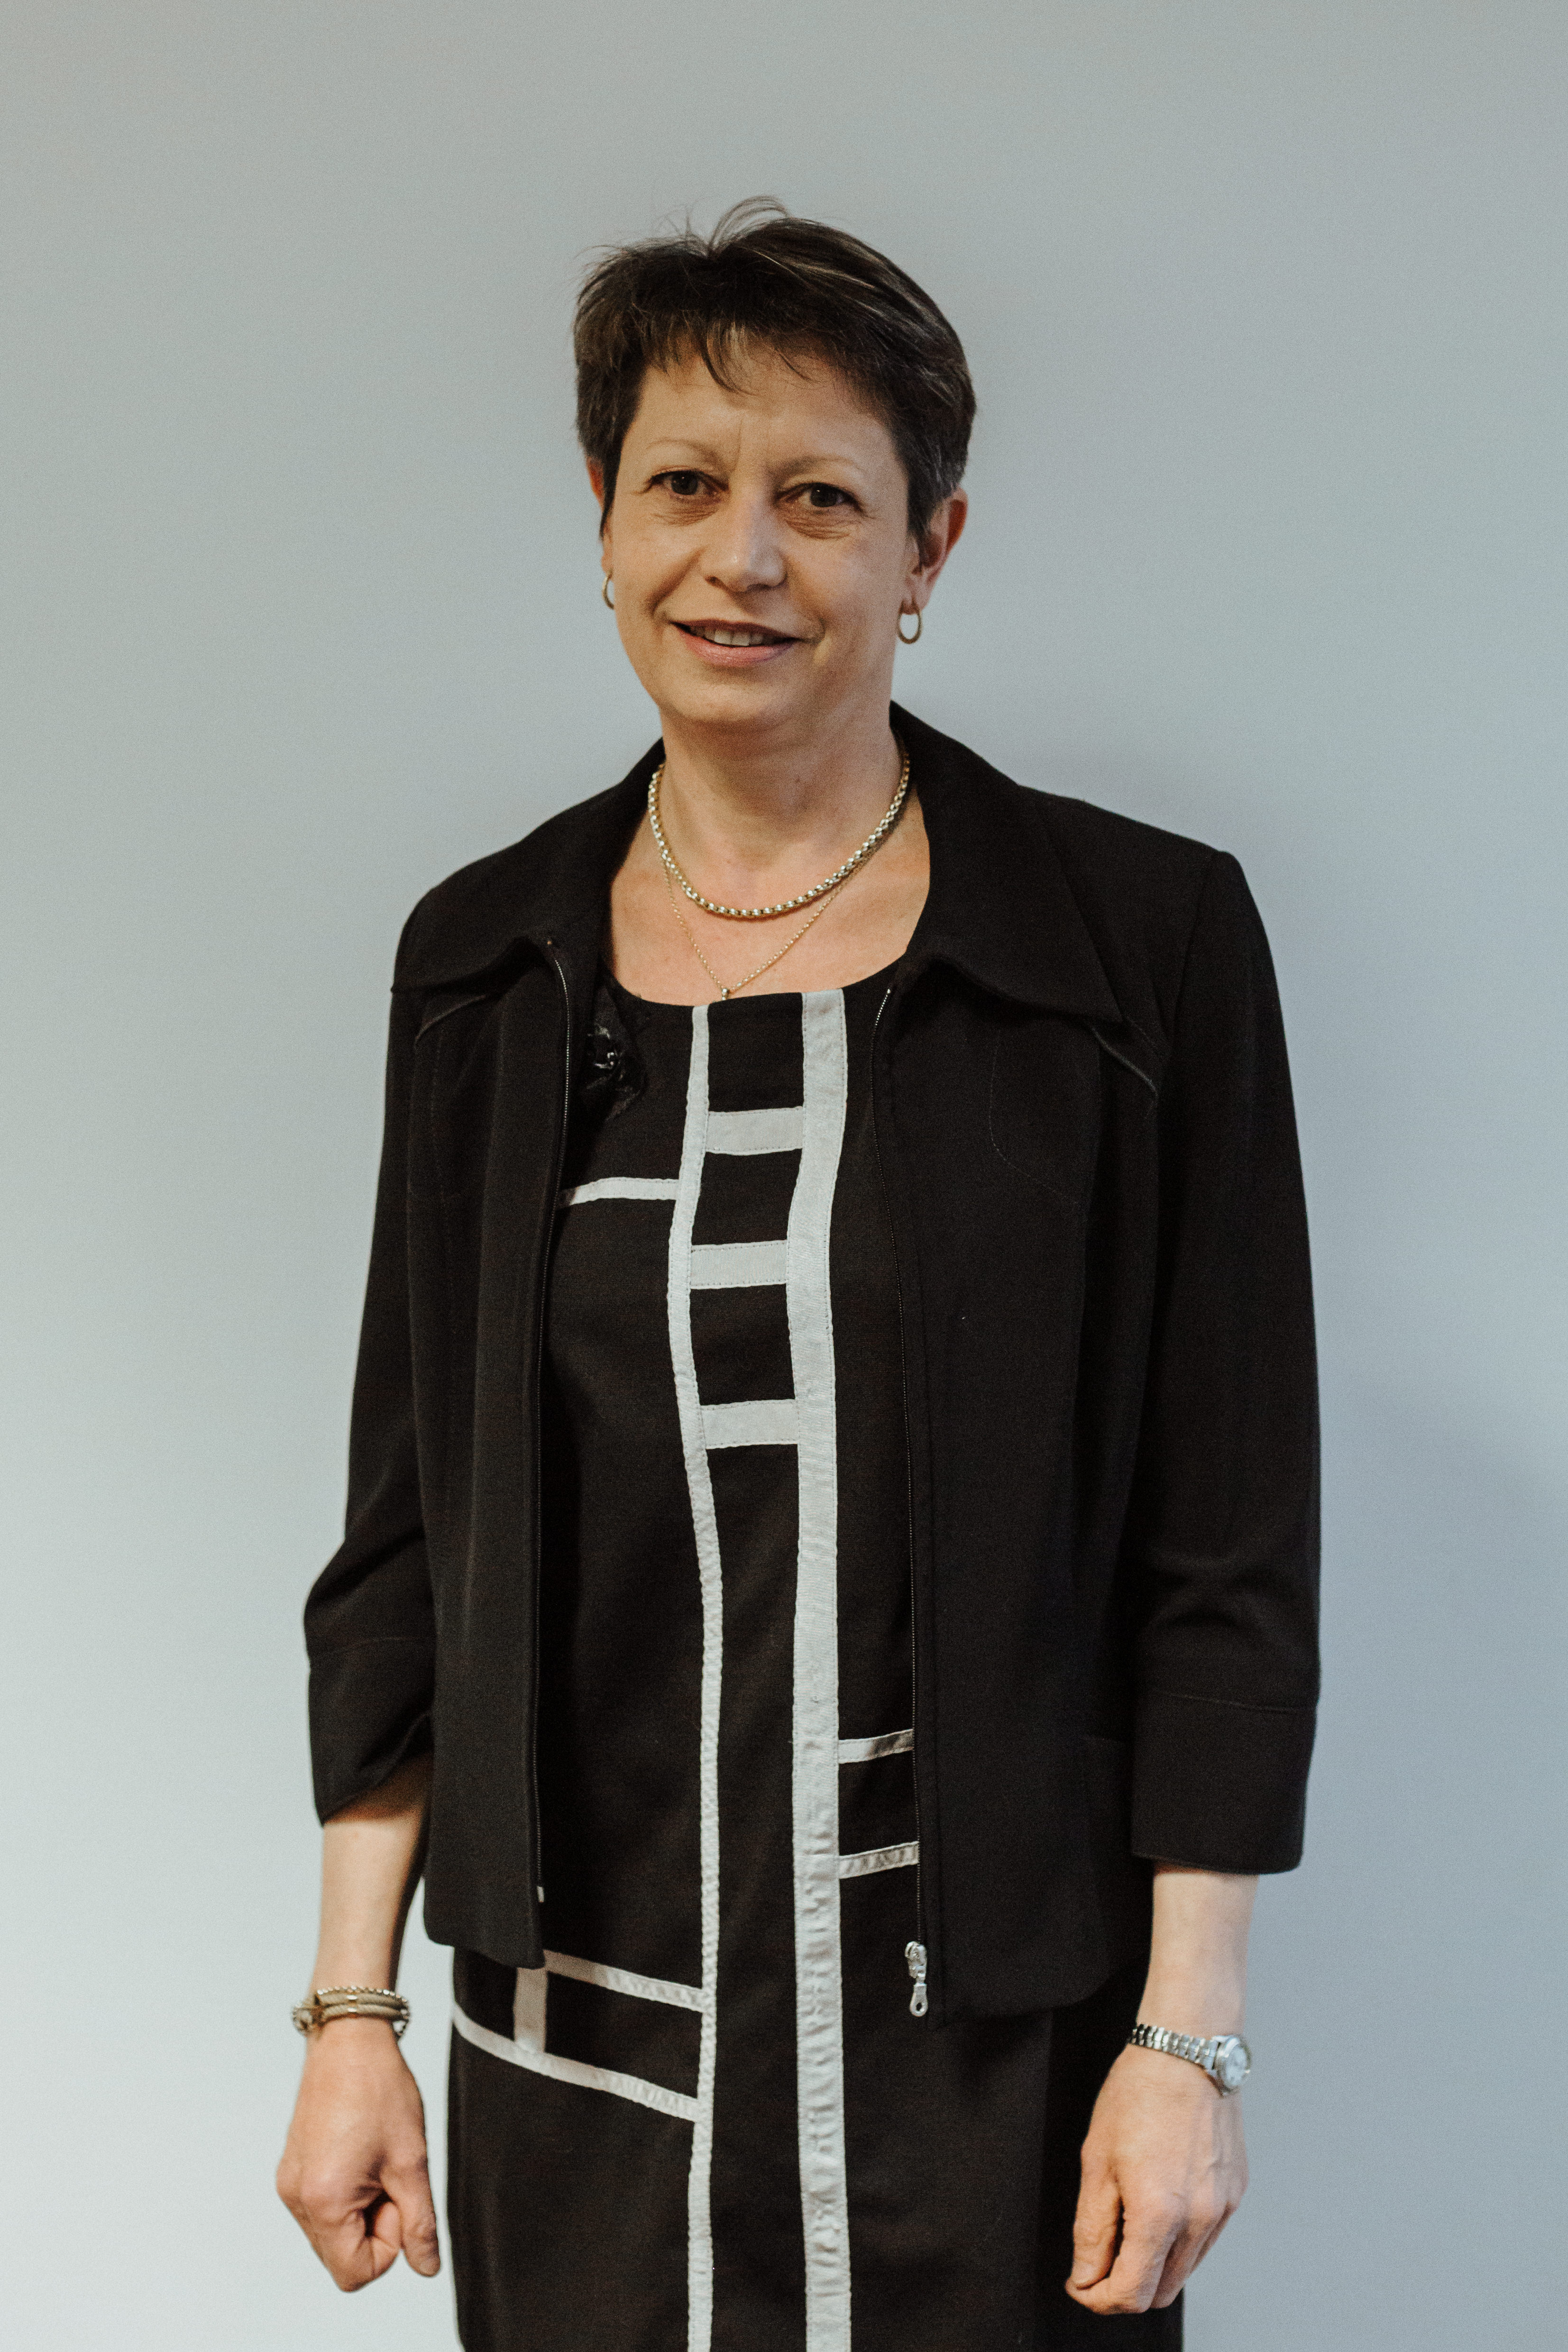 Anne-Bénédicte ROLLINET